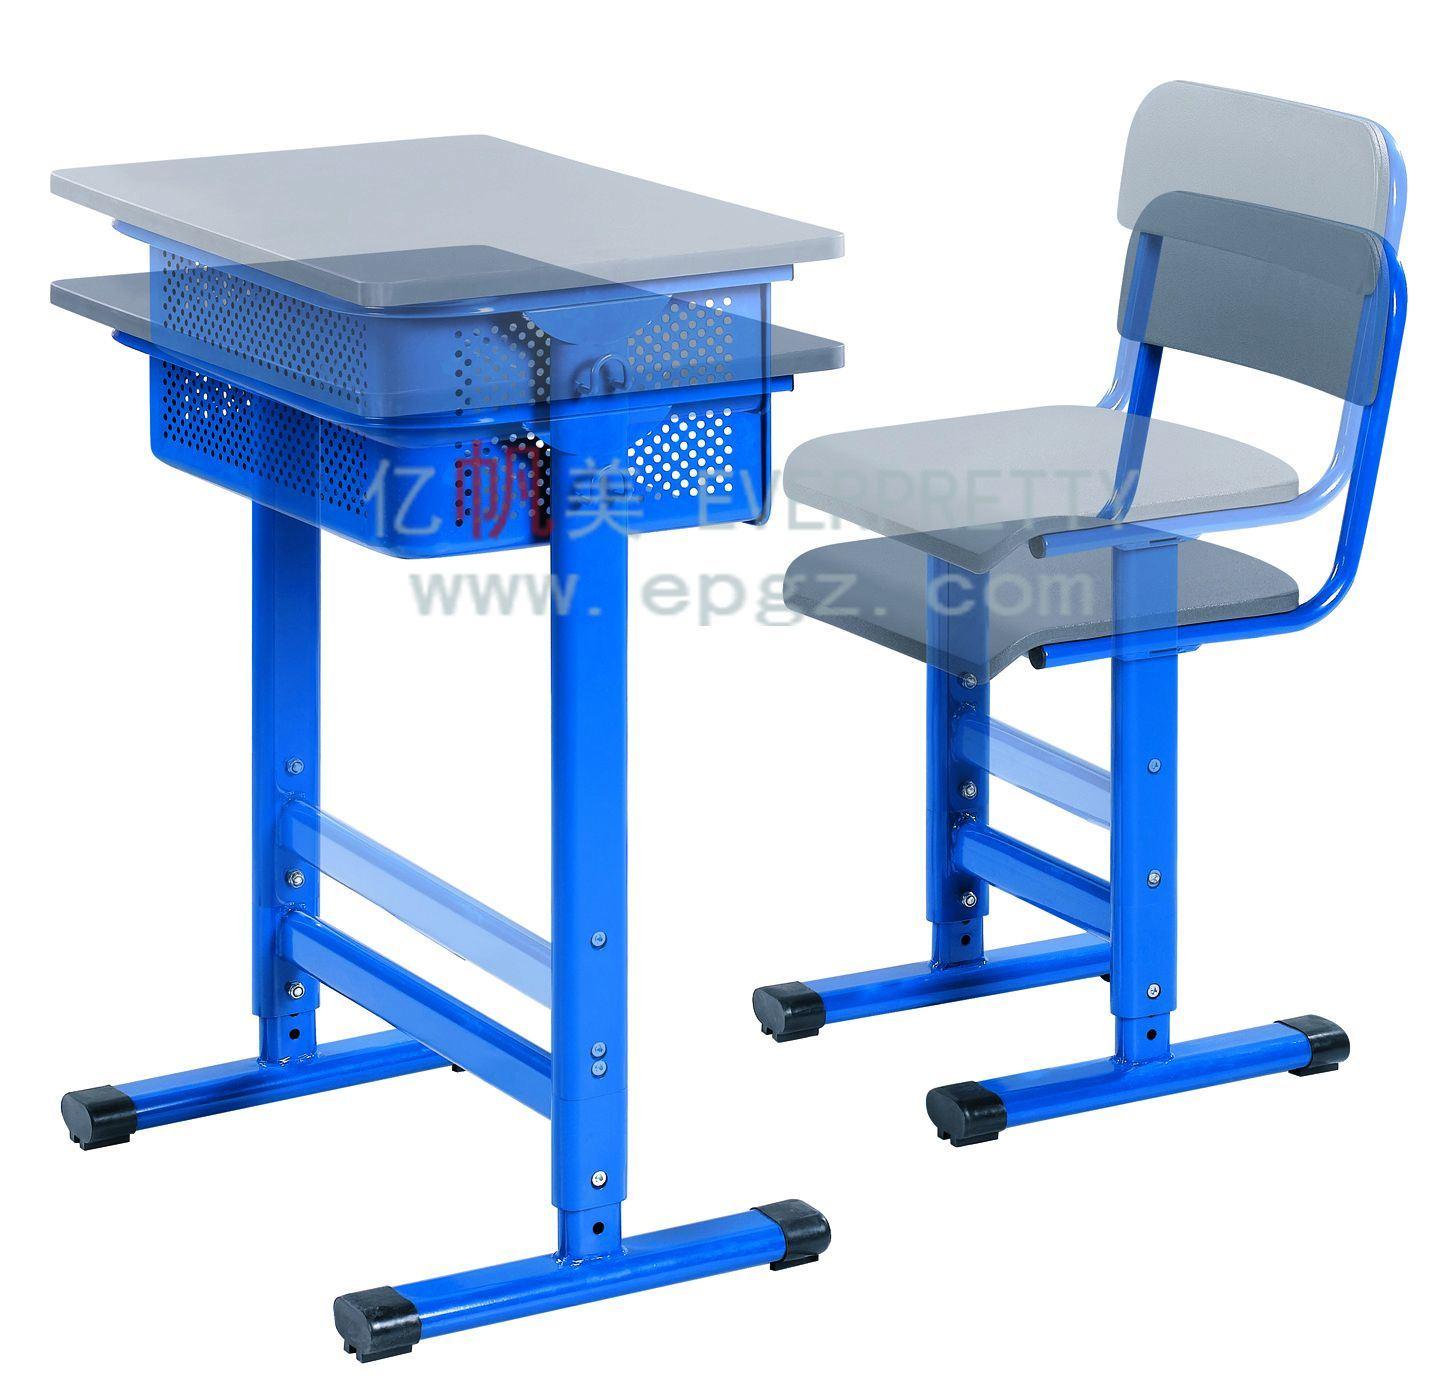 China Height Adjustable Desk Frame Adjustable School Desk Chair